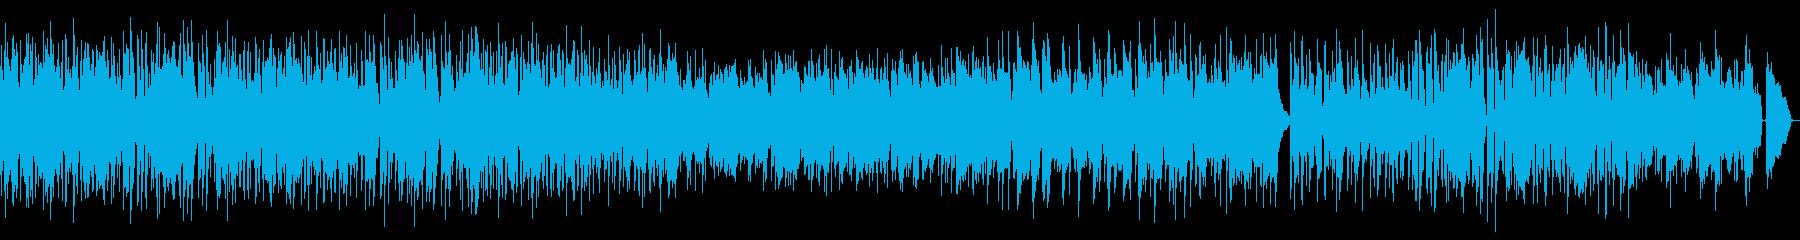 生演奏・ヒーリングミュージックの再生済みの波形